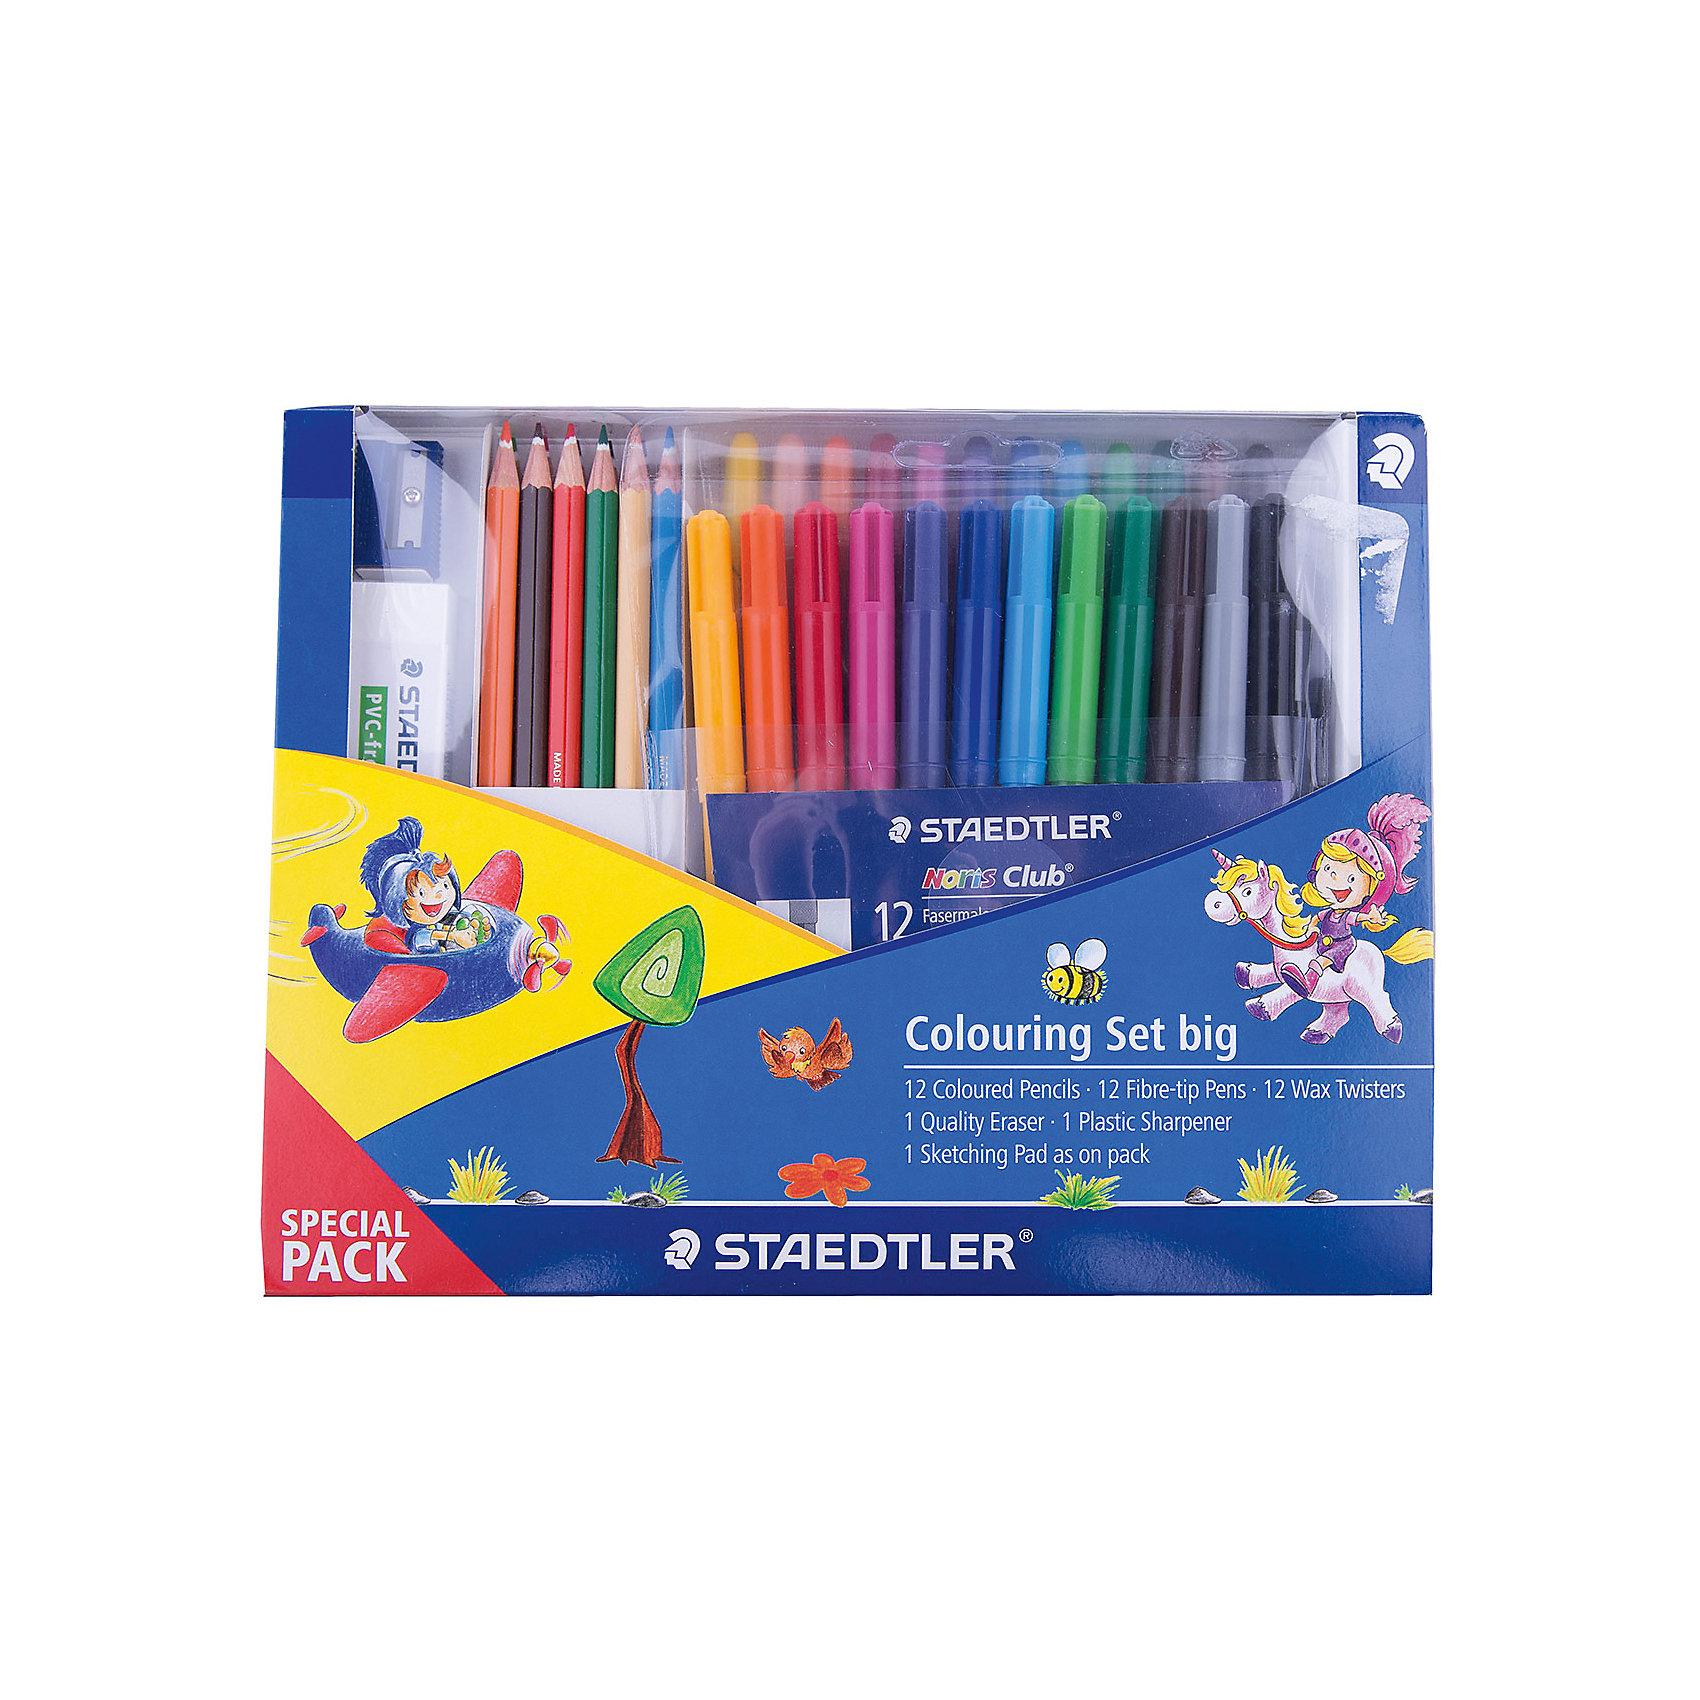 Набор для рисования, StaedtlerНовый промонабор для рисования от Staedtler в спец. упаковке. Включает 16 предметов: 12 шт.  - цветные карандаши 144; 1 уп. (12 шт.)   - фломастеры 325WP12; 1 уп.(12 шт.) - восковые мелки;<br> 1шт. - ластик; 1 шт. - пластиковая точилка для карандашей.<br><br>Ширина мм: 239<br>Глубина мм: 182<br>Высота мм: 26<br>Вес г: 45<br>Возраст от месяцев: 84<br>Возраст до месяцев: 168<br>Пол: Унисекс<br>Возраст: Детский<br>SKU: 4918522